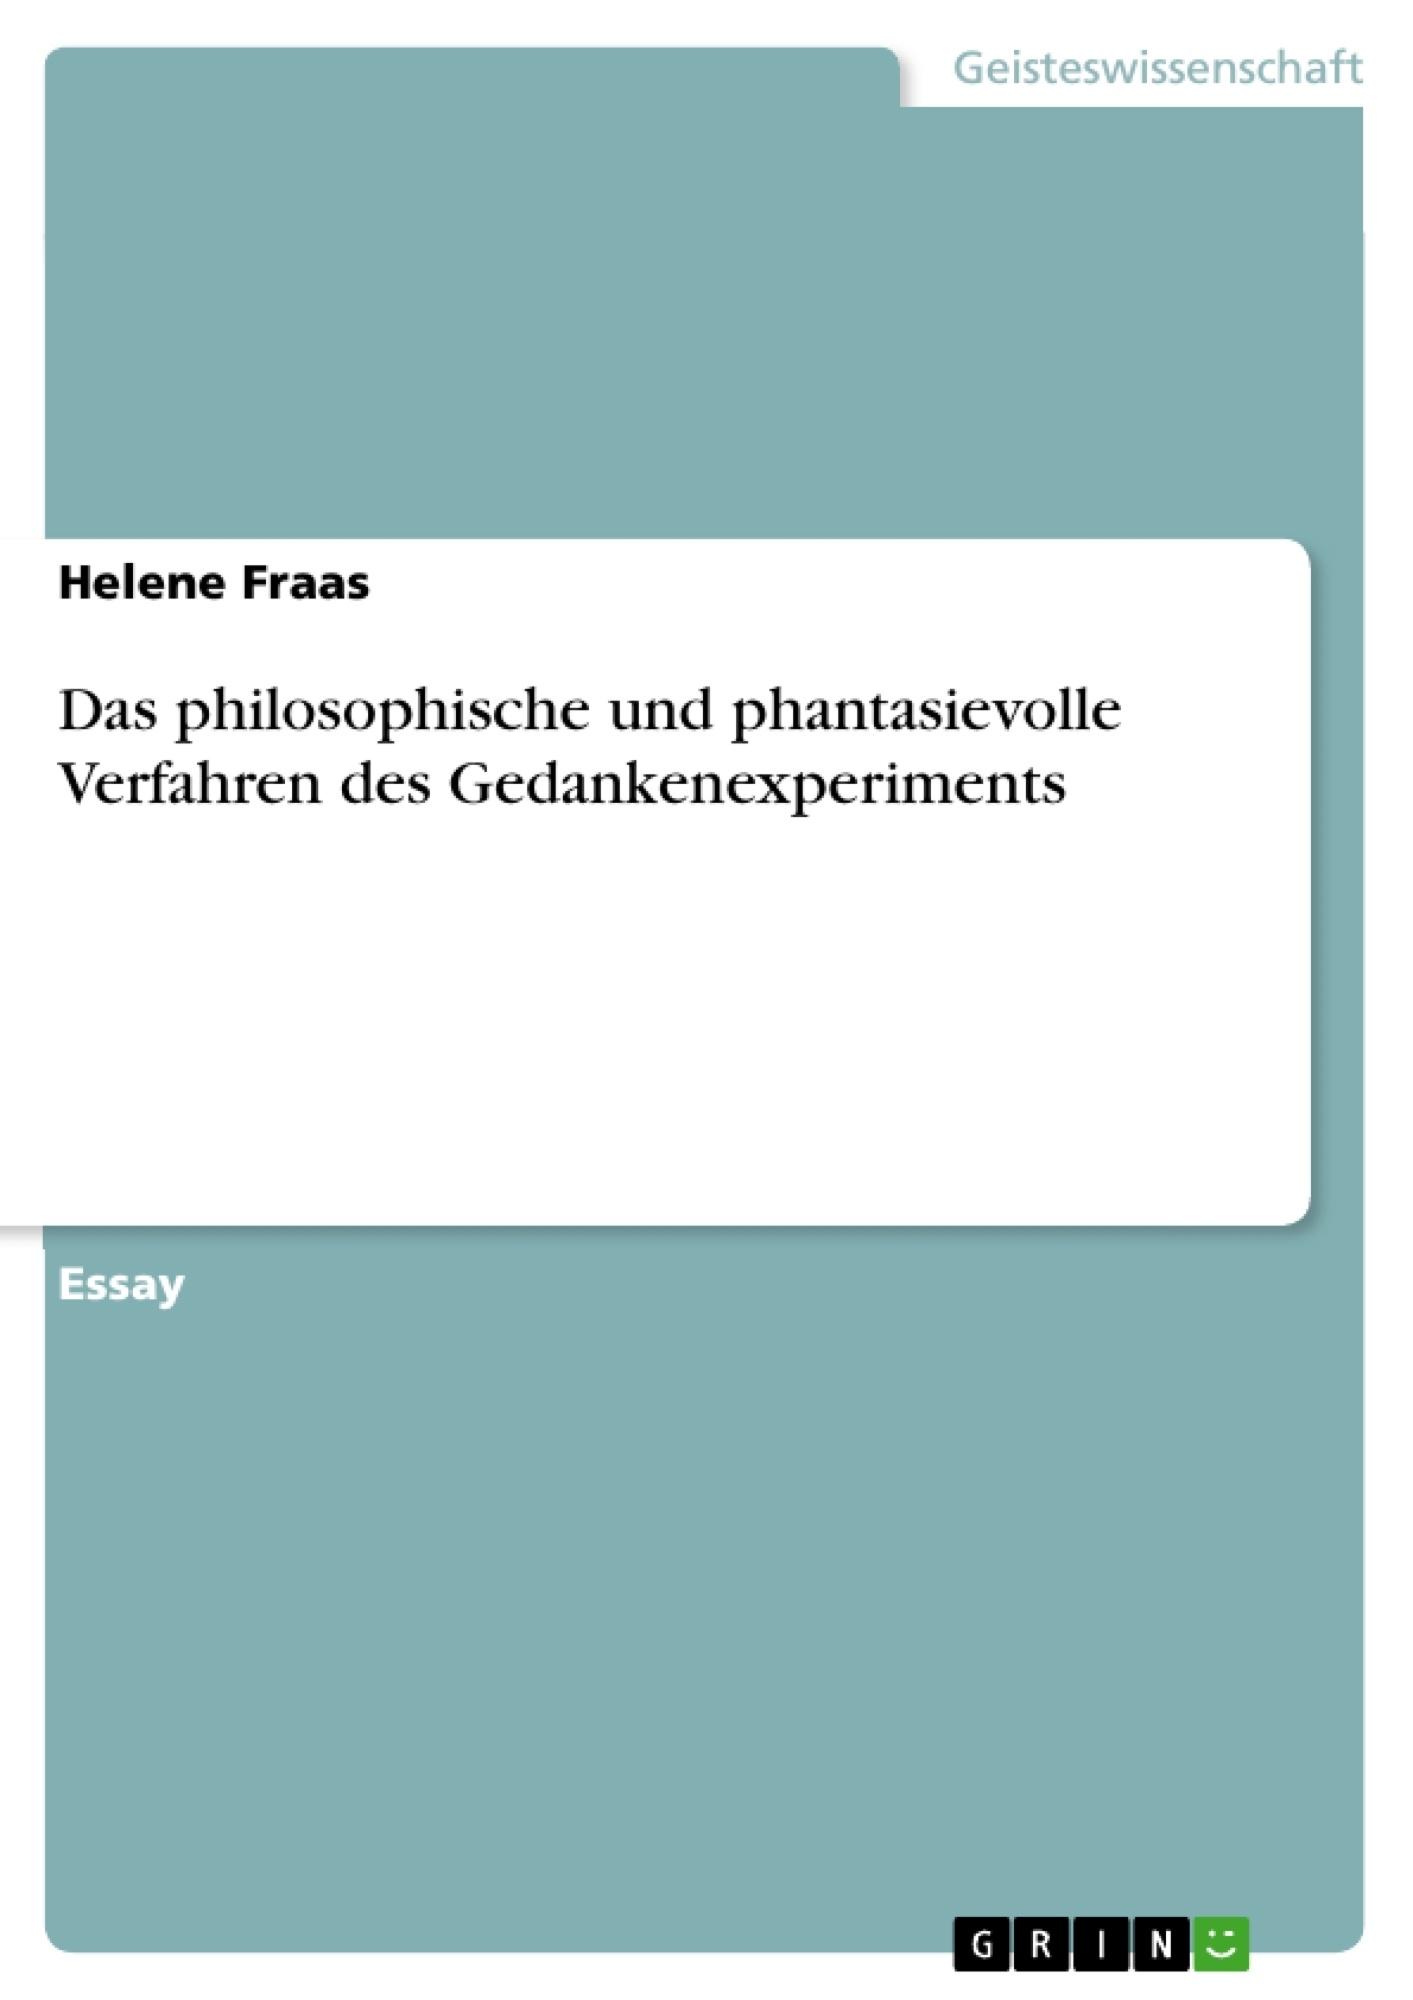 Titel: Das philosophische und phantasievolle Verfahren des Gedankenexperiments